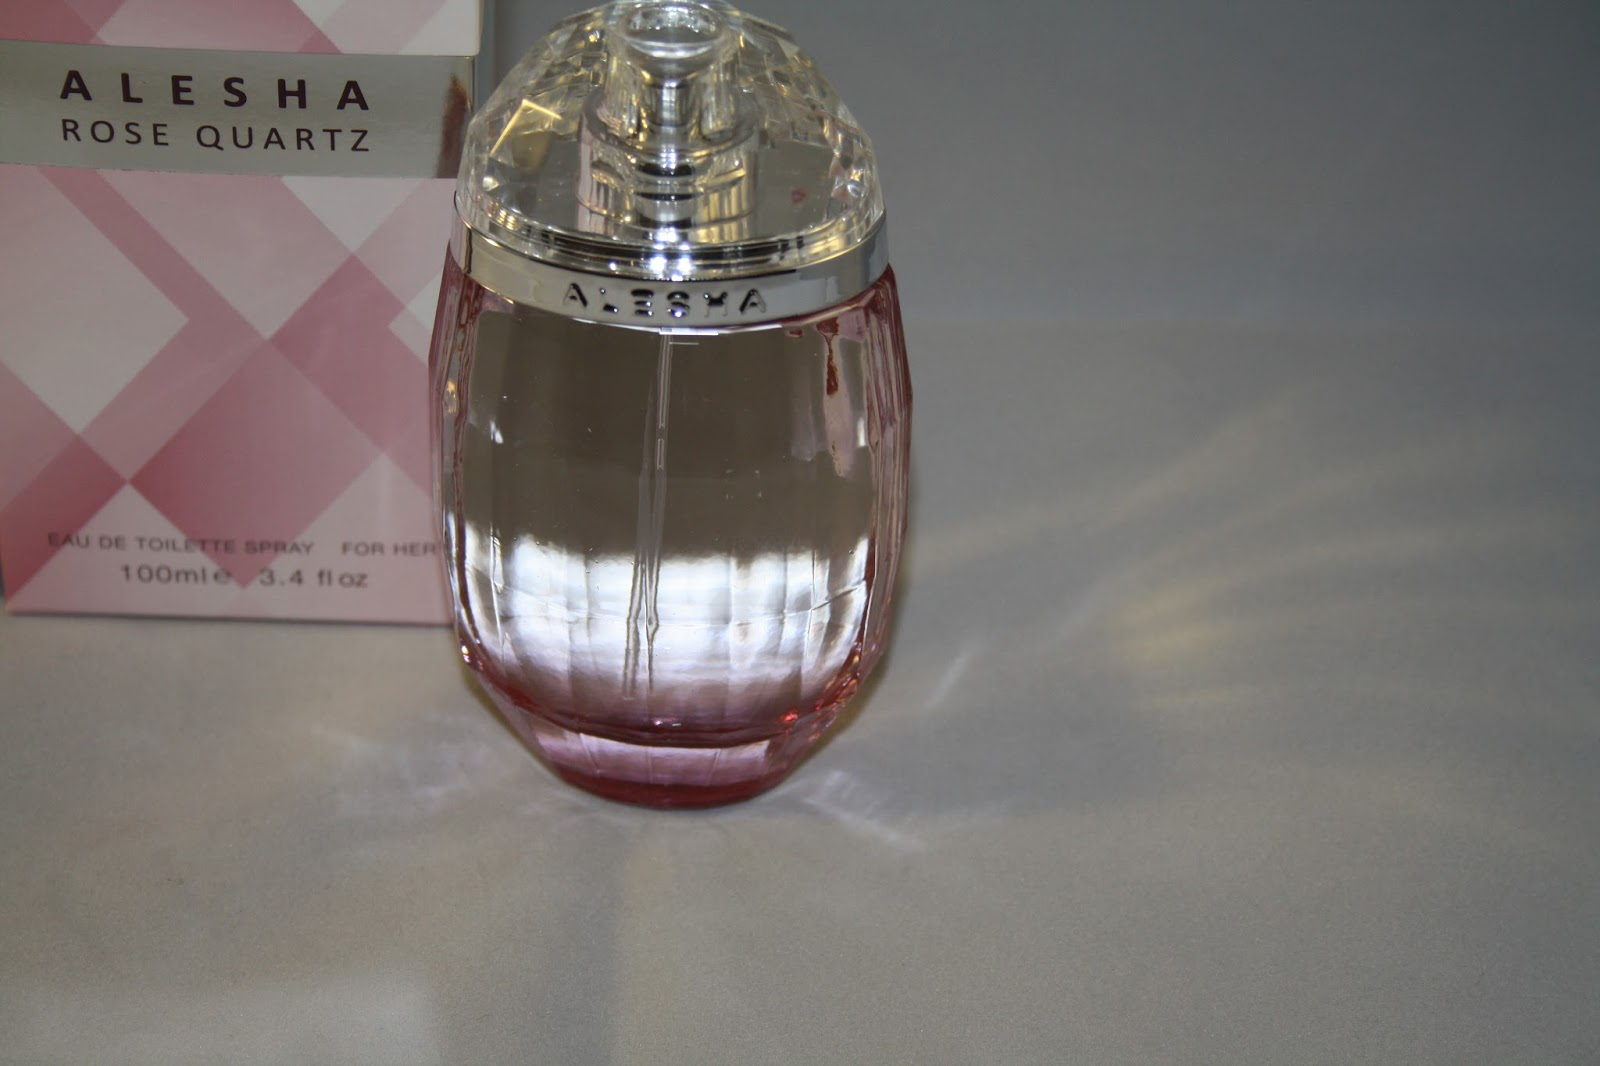 Alesha Dixon Rose Quartz Perfume